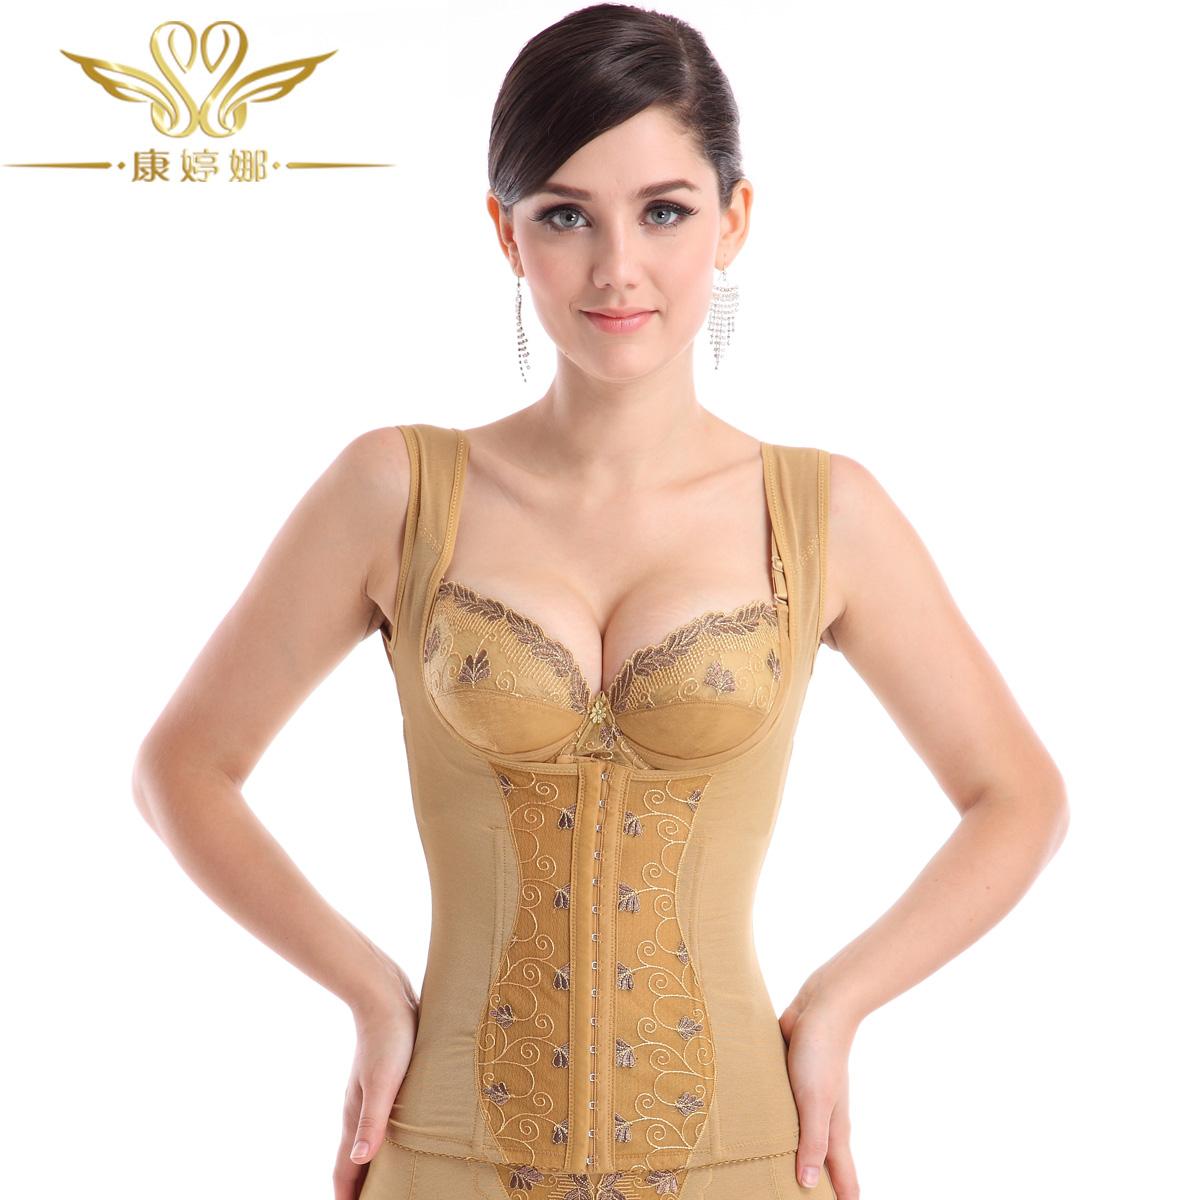 康婷娜美容院时尚款塑身衣腰背夹 收腰平腹 身材管理器美体内衣